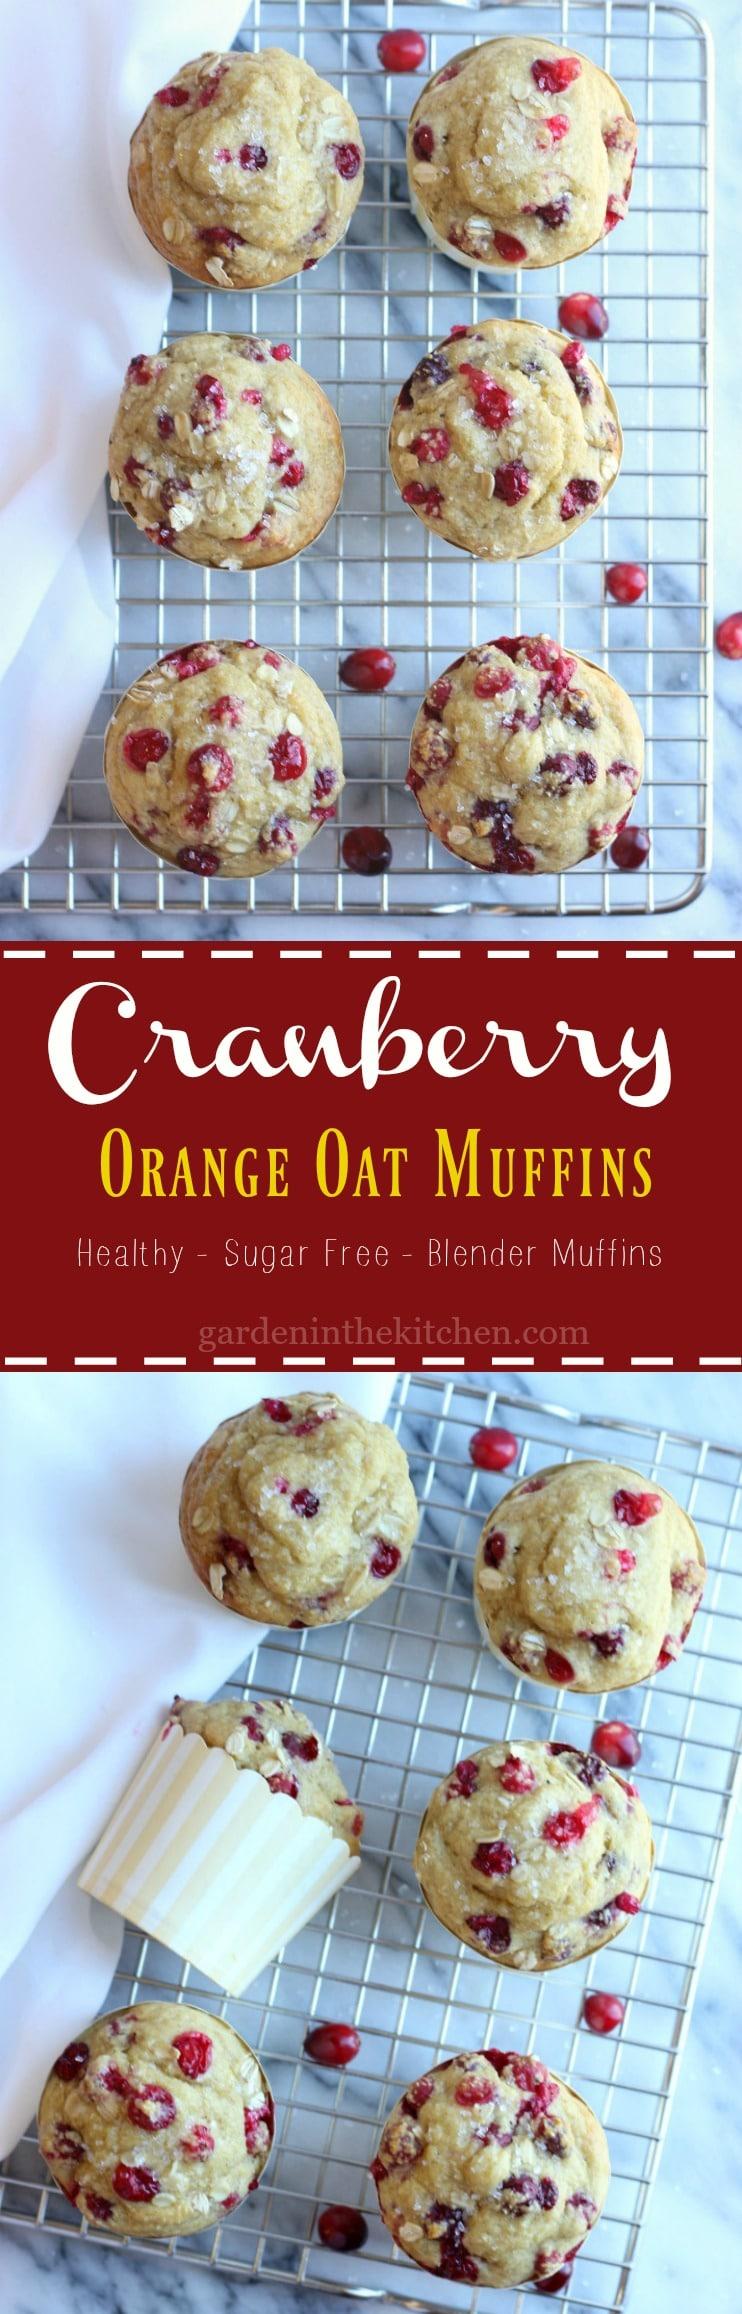 Cranberry Orange Oat Muffins | gardeninthekitchen.com